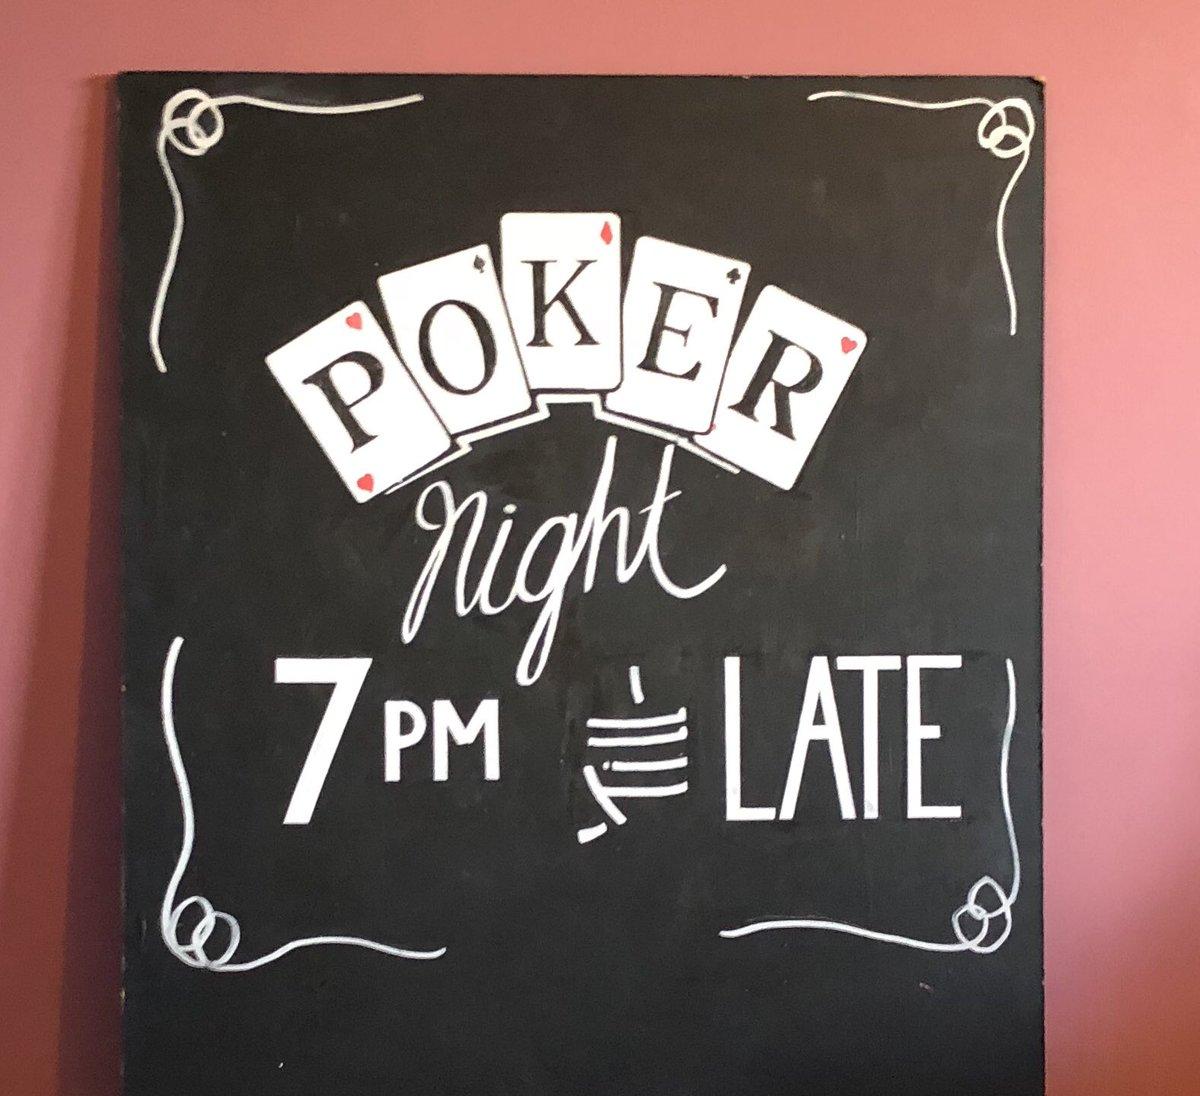 Poker Night blackboard art #pokernight #poker #pubblackboard #blackboardart https://t.co/4rWcDC5nhu